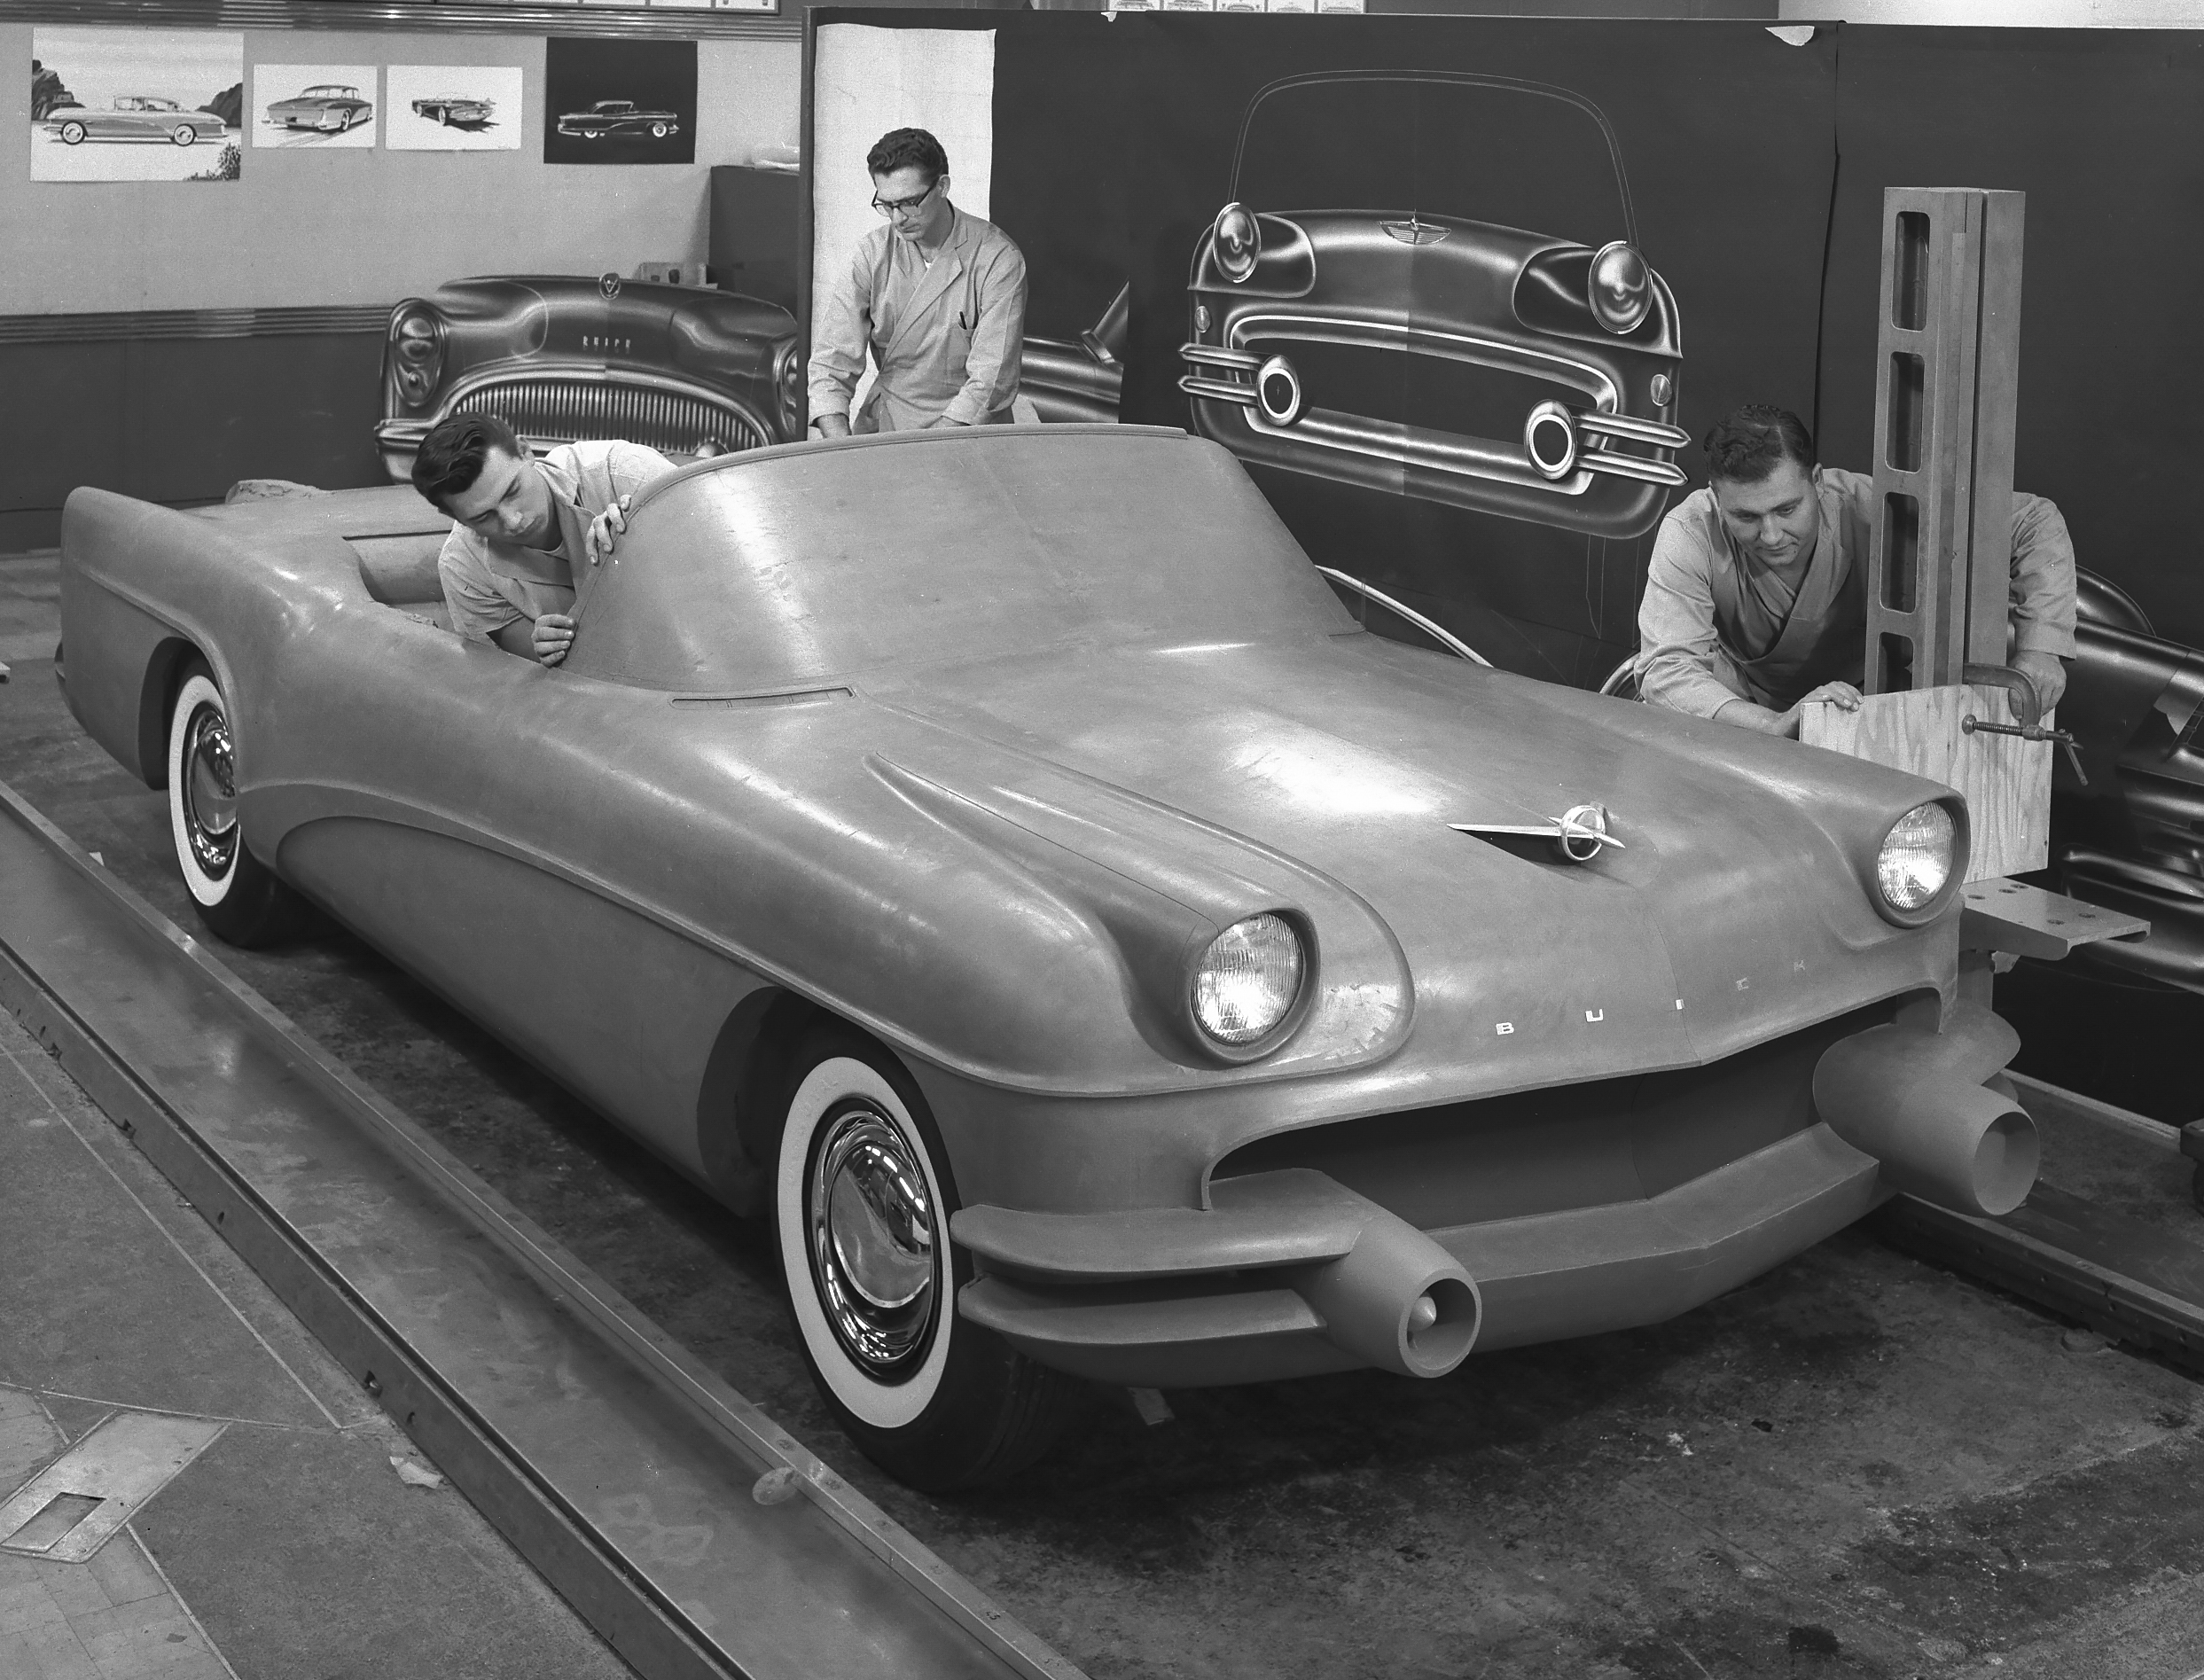 1955 Buick Wildcat III Concept front 3/4